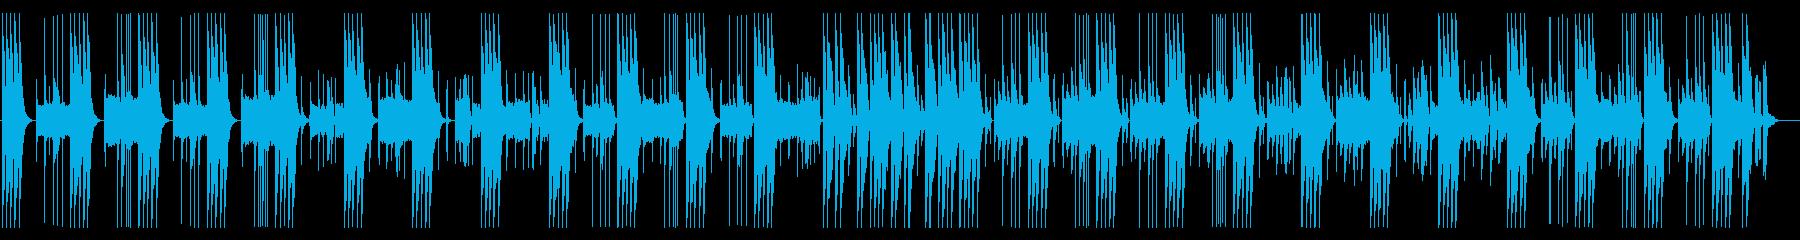 とぼけた、コミカルな雰囲気の日常系BGMの再生済みの波形